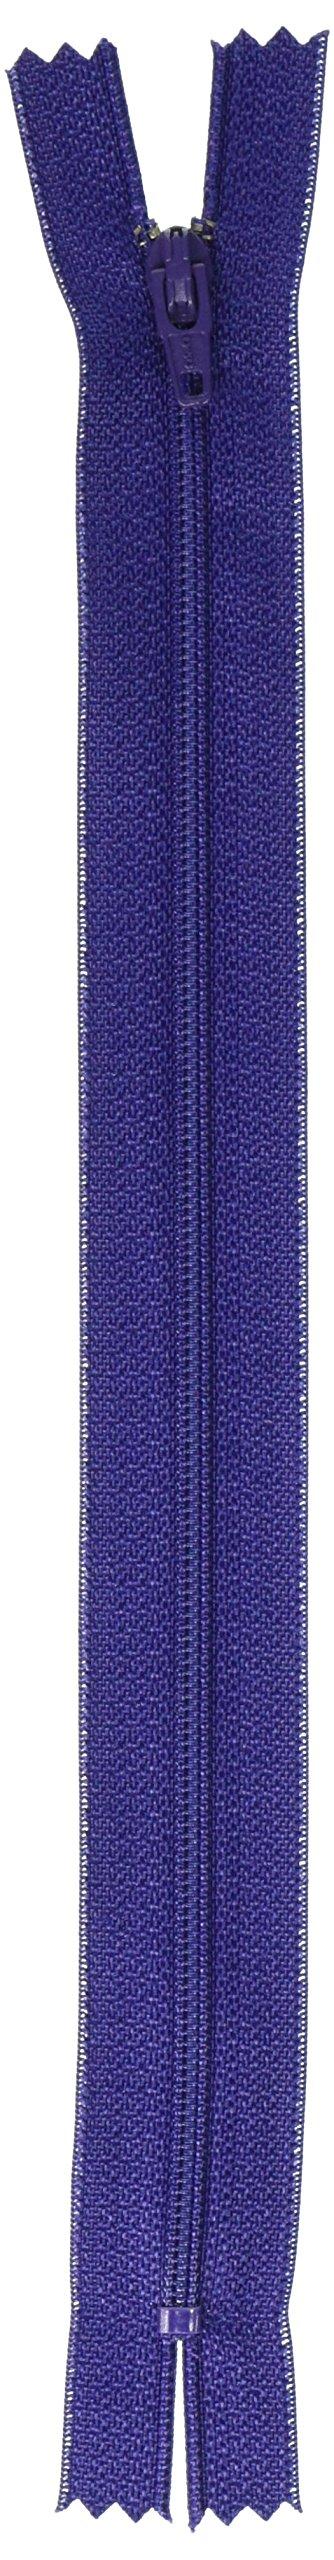 Coats: Thread & Zippers F7216-314A All-Purpose Plastic Zipper, 16'', Deep Purple by Coats: Thread & Zippers